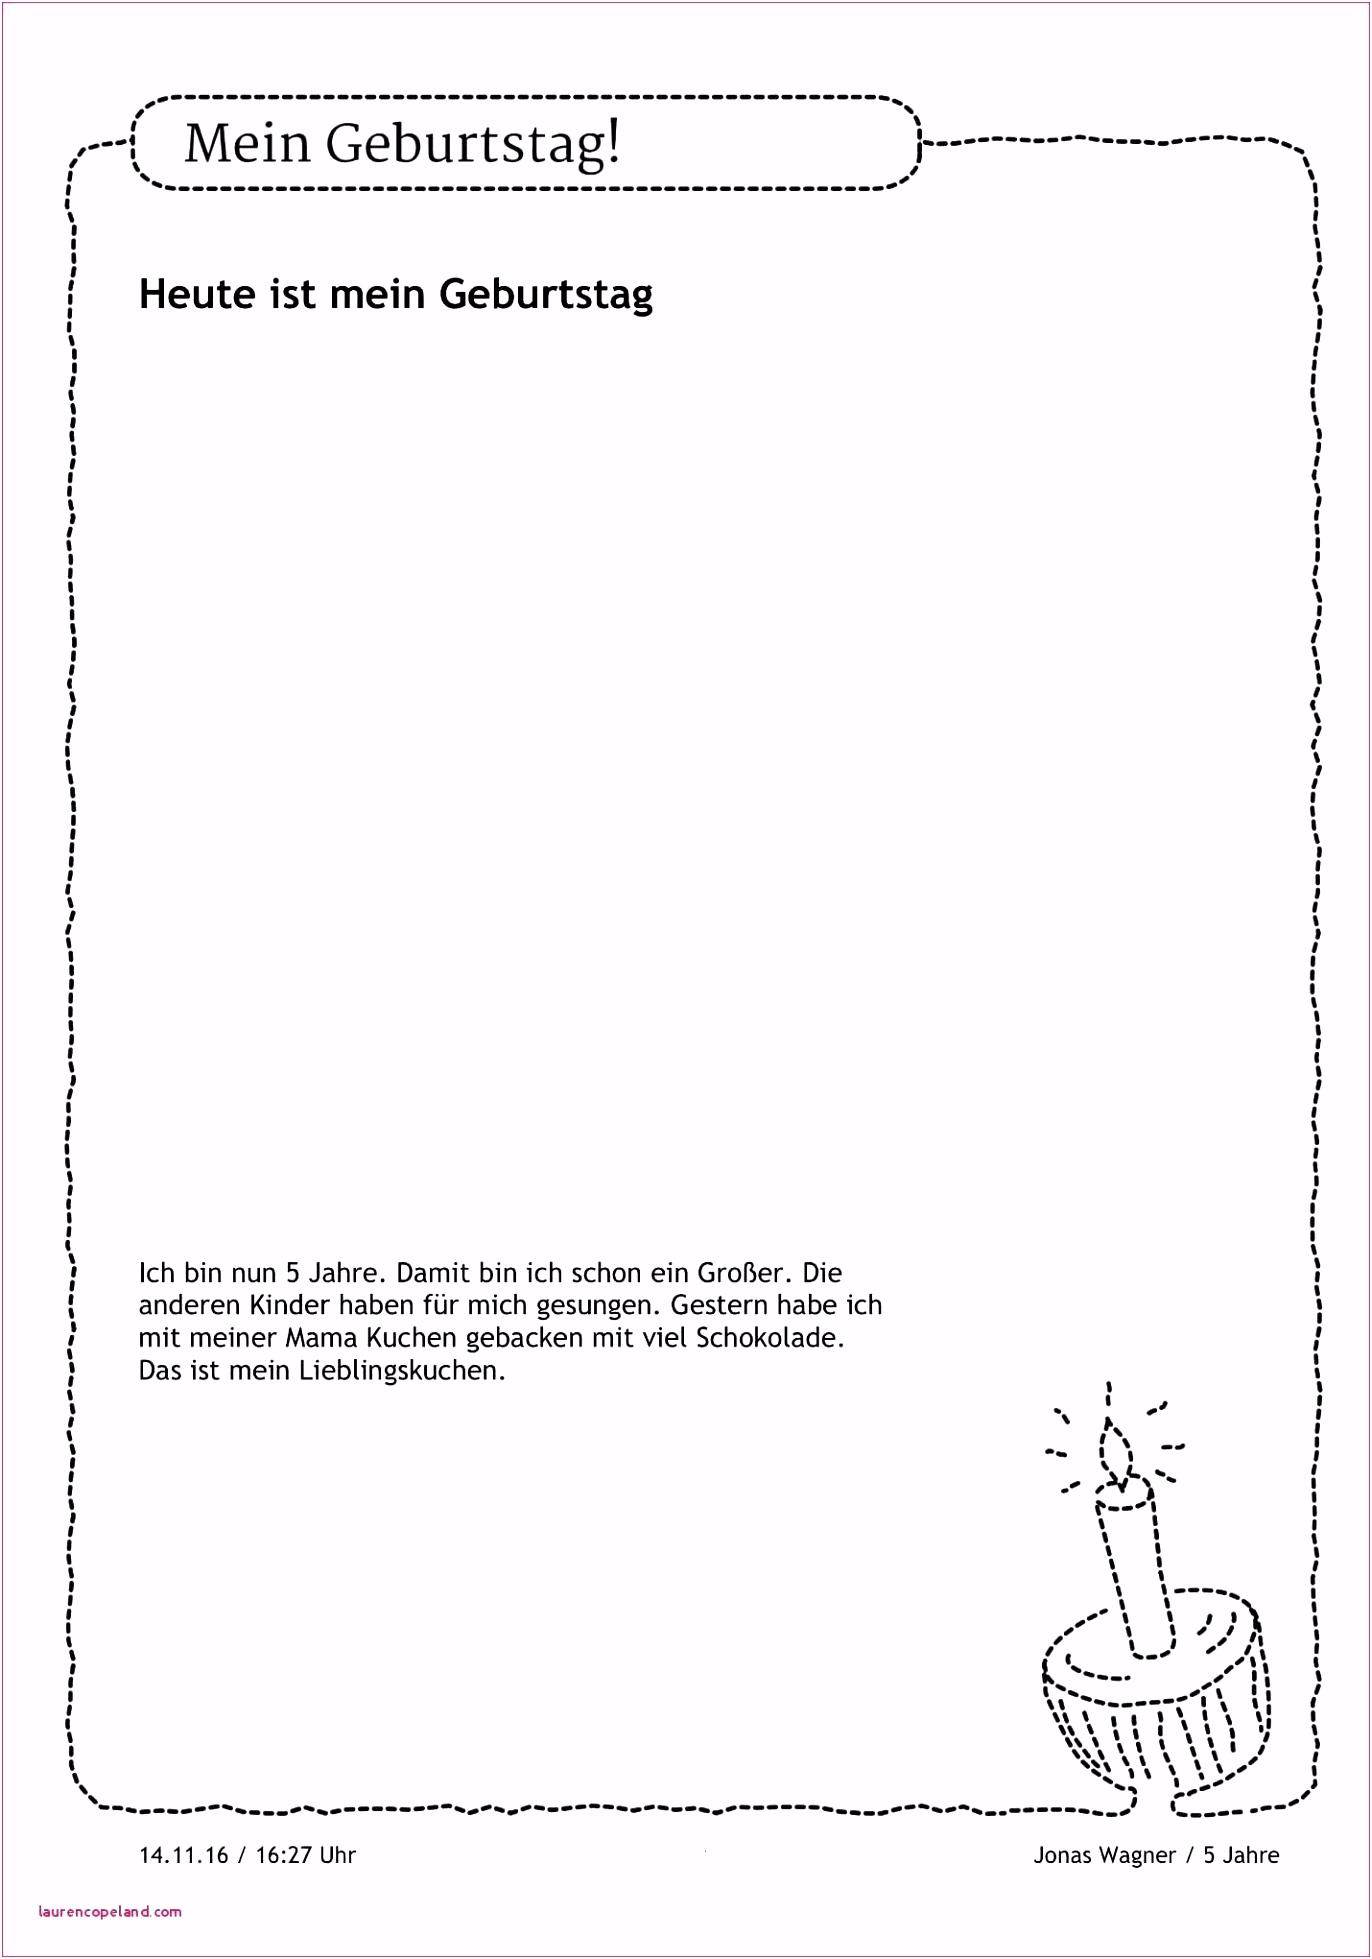 Kinder Geburtstagskarte Basteln Vorlage — Hylenddawards Design ideen